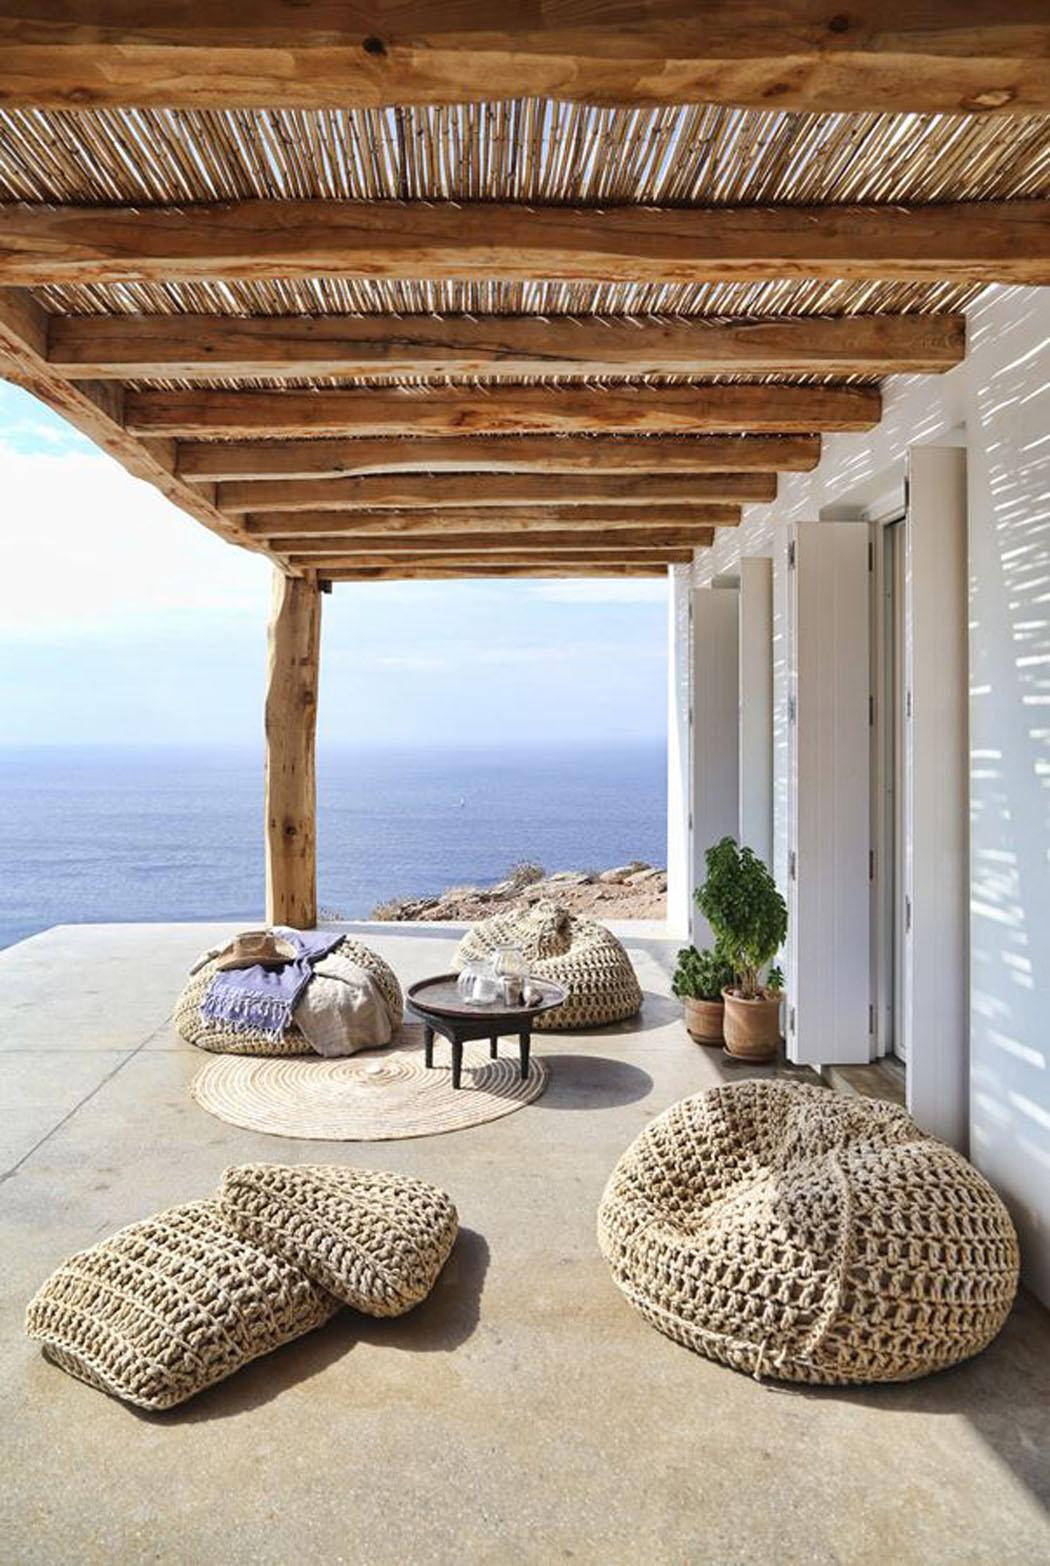 Villa de vacances en gr ce au design int rieur minimaliste rustique et l gant la fois - Villa de vacances vogue interiors ...